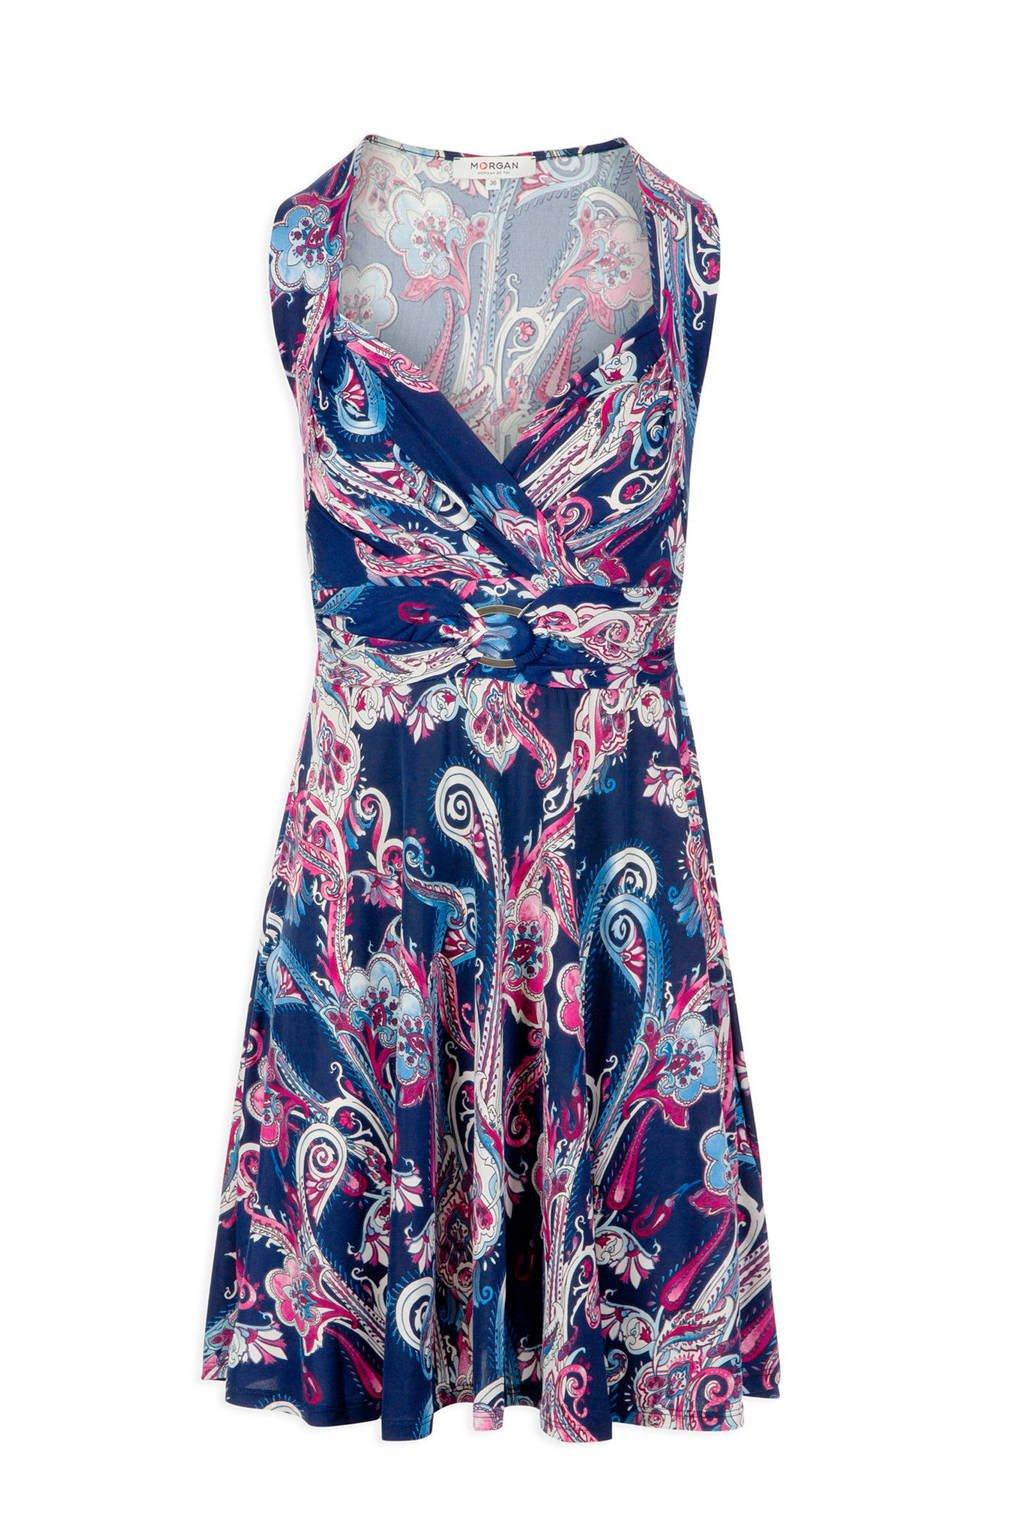 Morgan jurk met overslag en paisley print, Blauw/roze